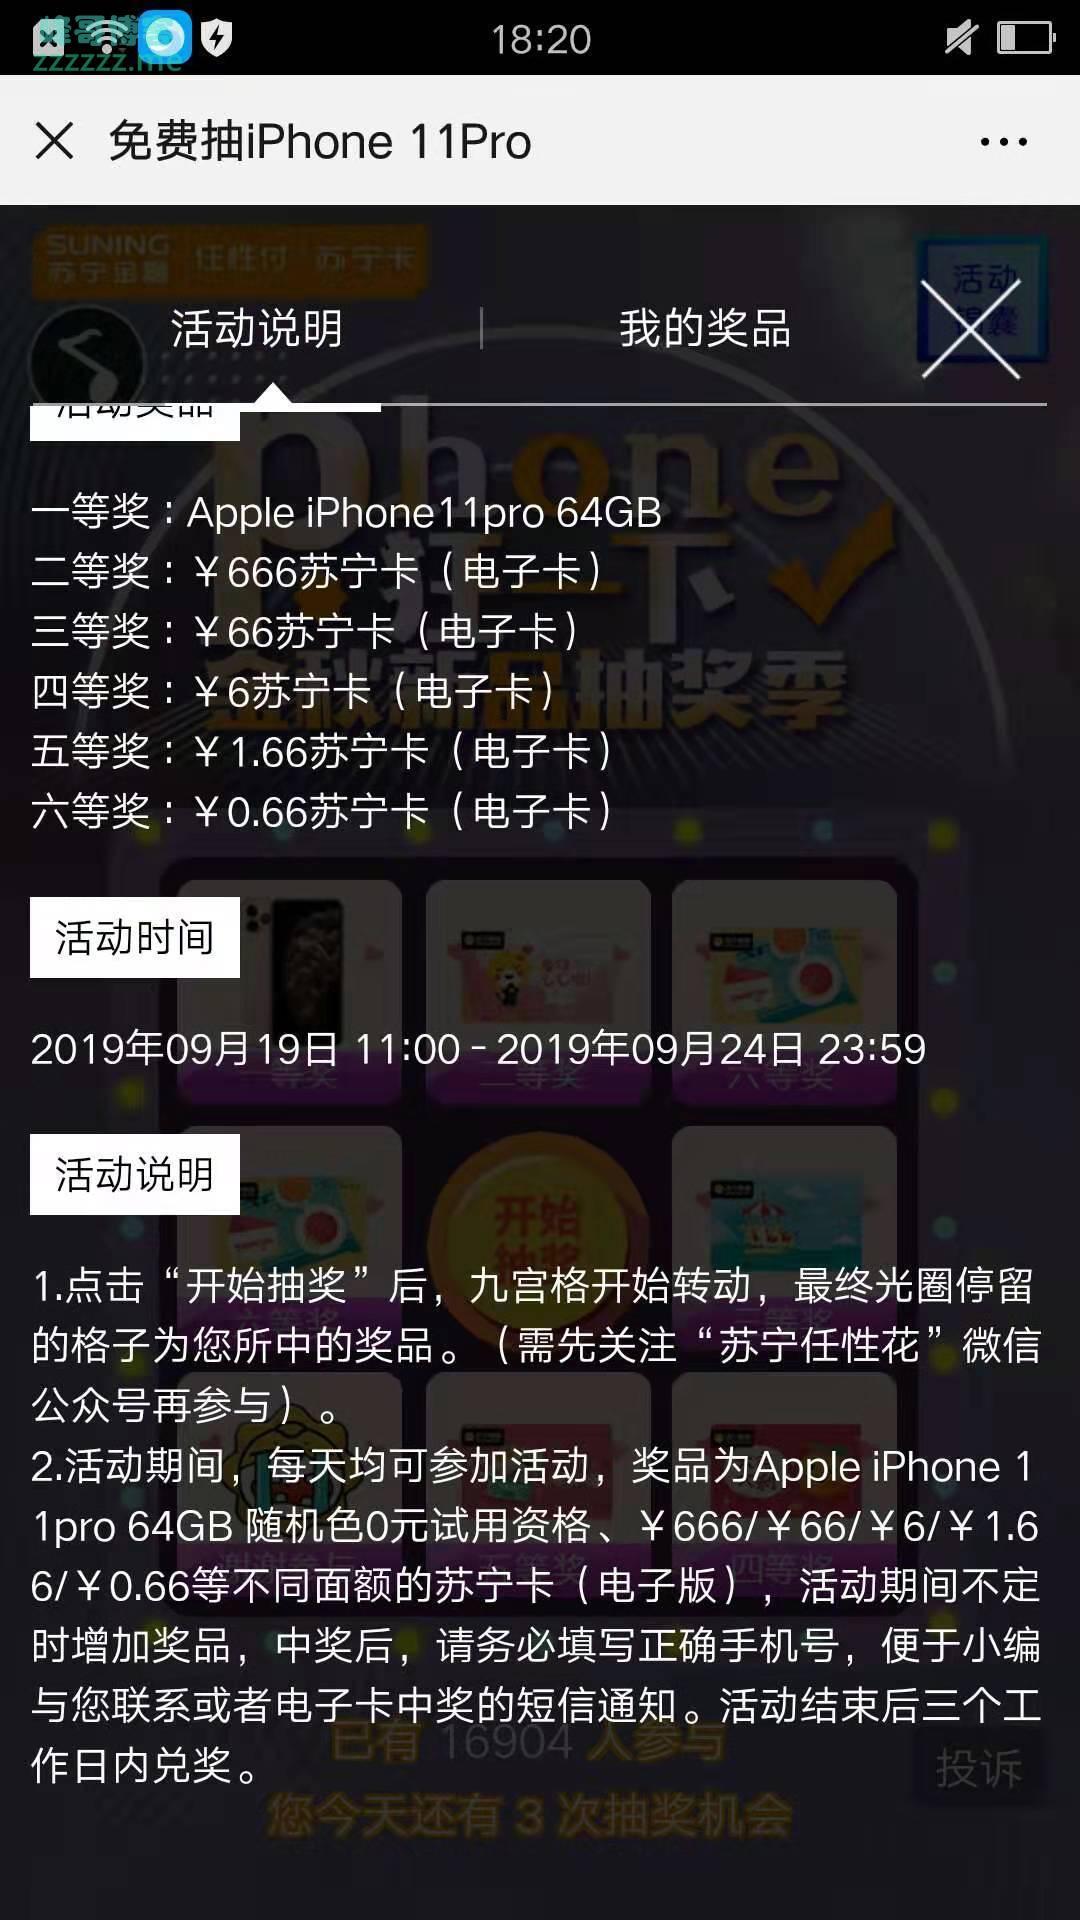 苏宁任性花0元得¥8699 iPhone 11 Pro(截止9月24日)